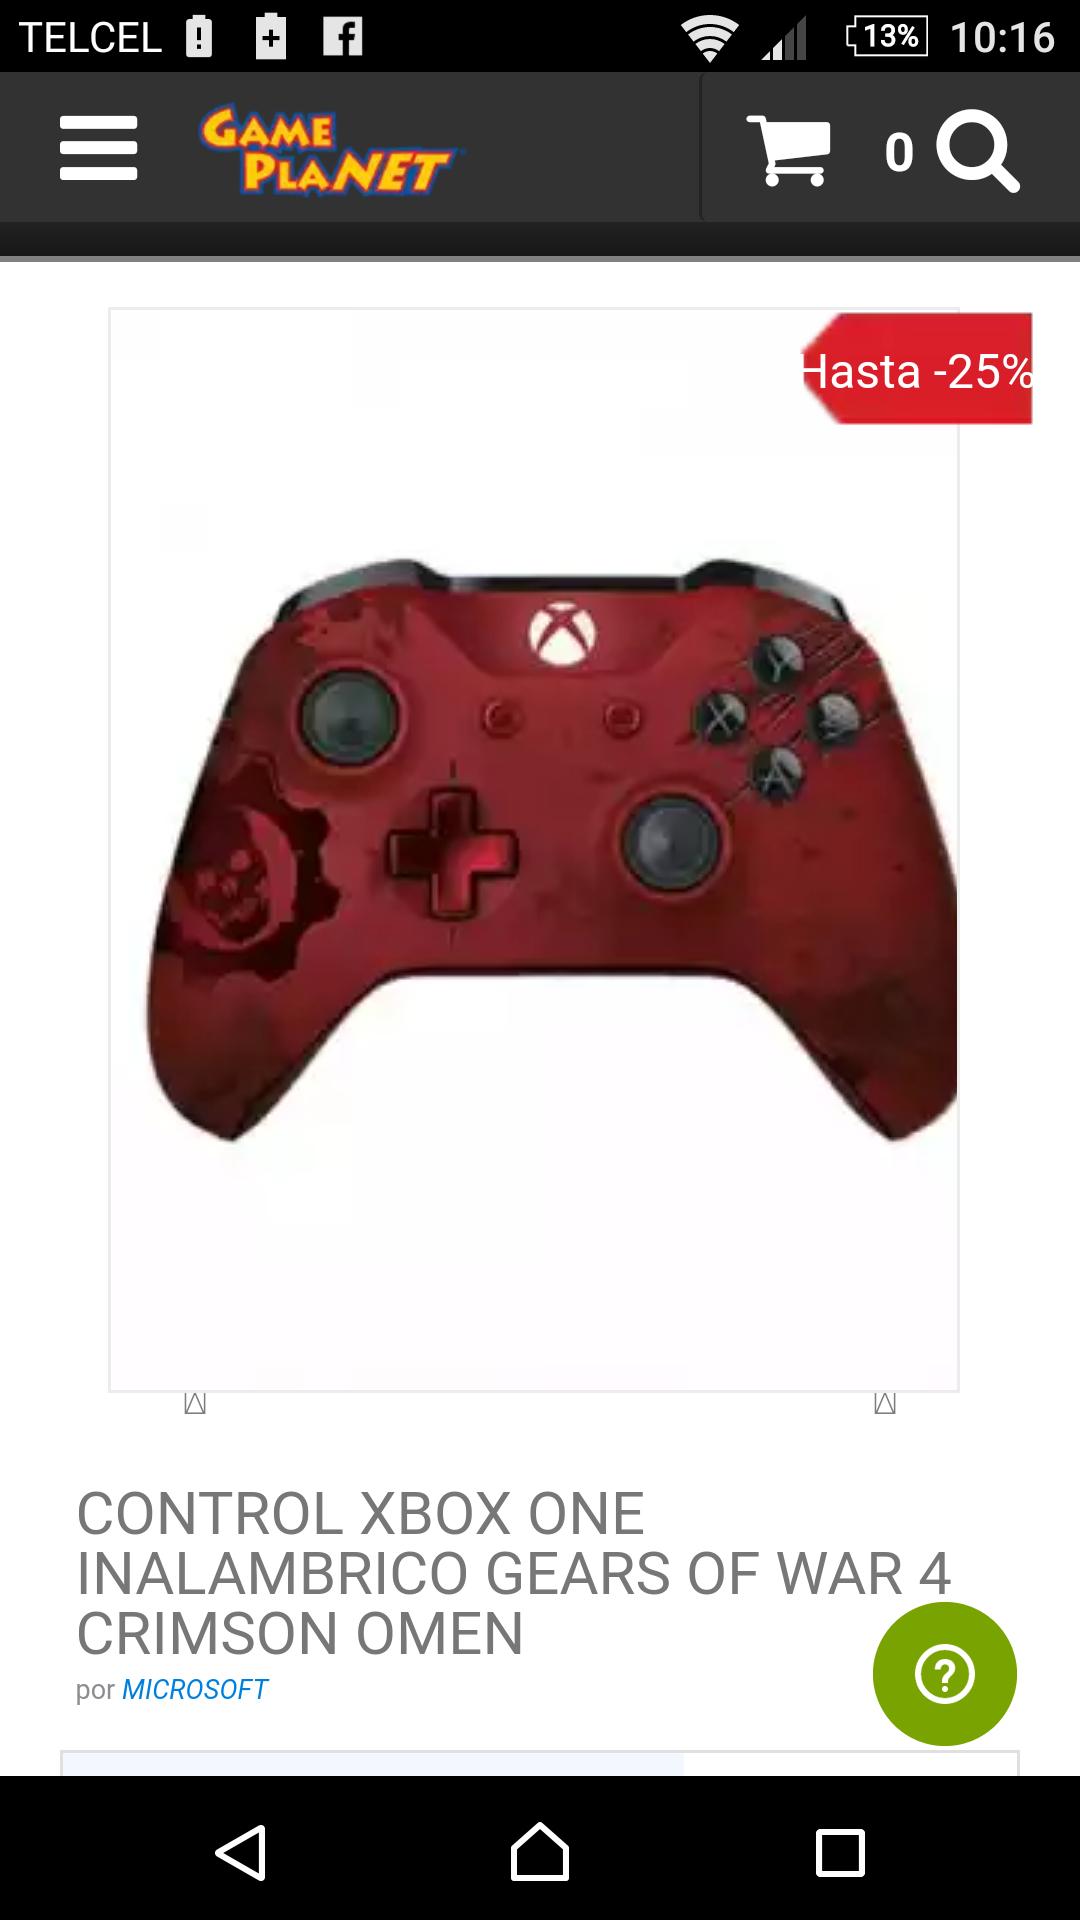 Gameplanet en línea y tienda física: Control GOW4 Crimson Omen